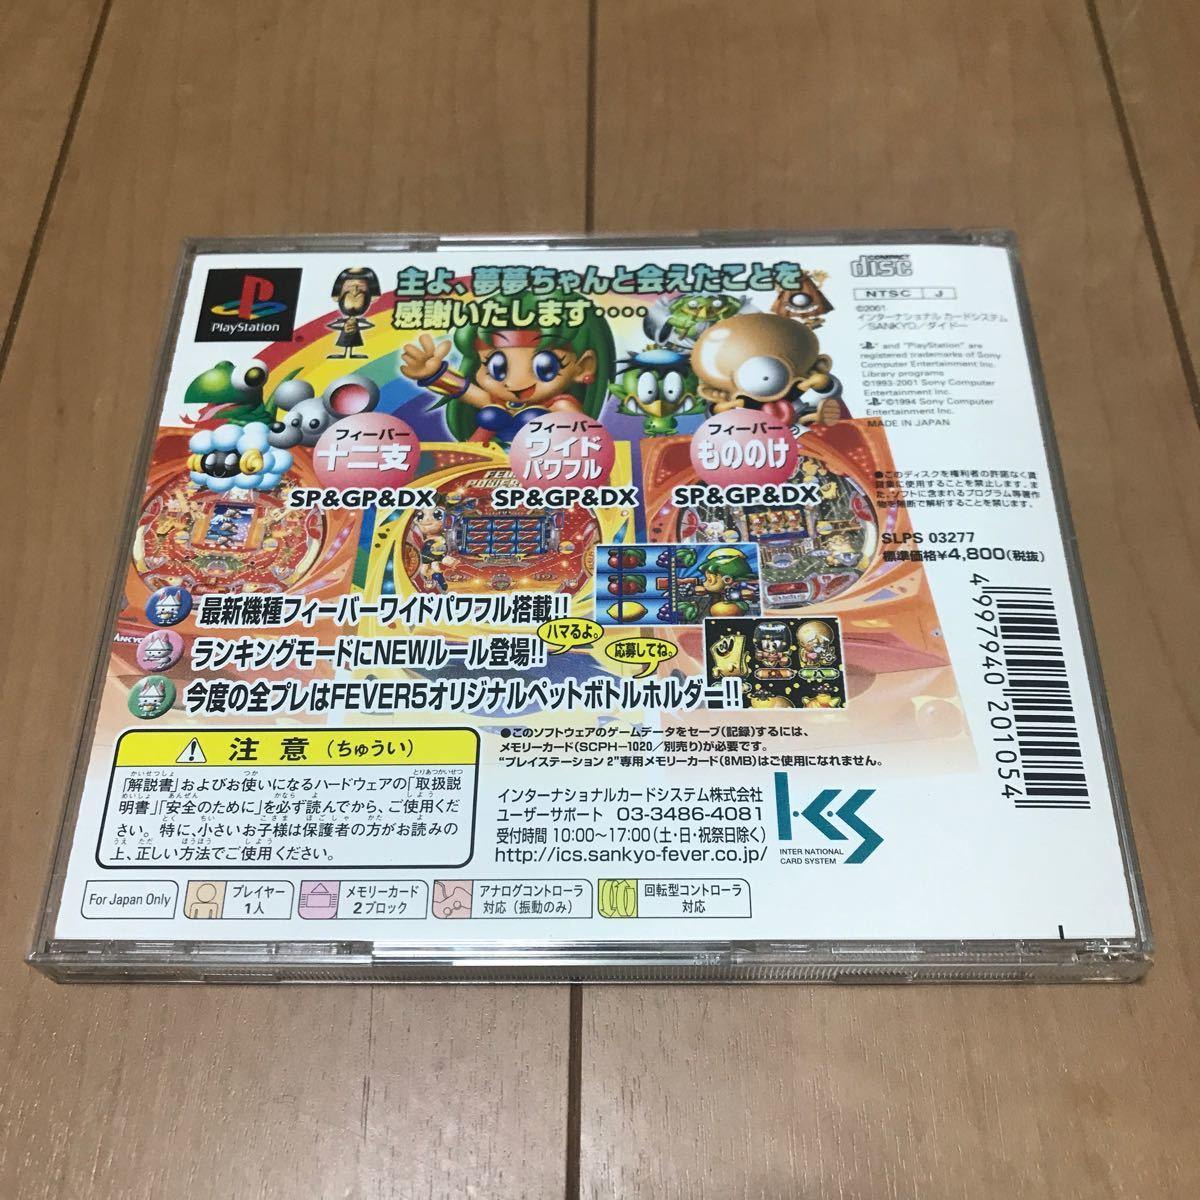 PlayStation FEVER5 SANKYO 公式パチンコシミュレーション